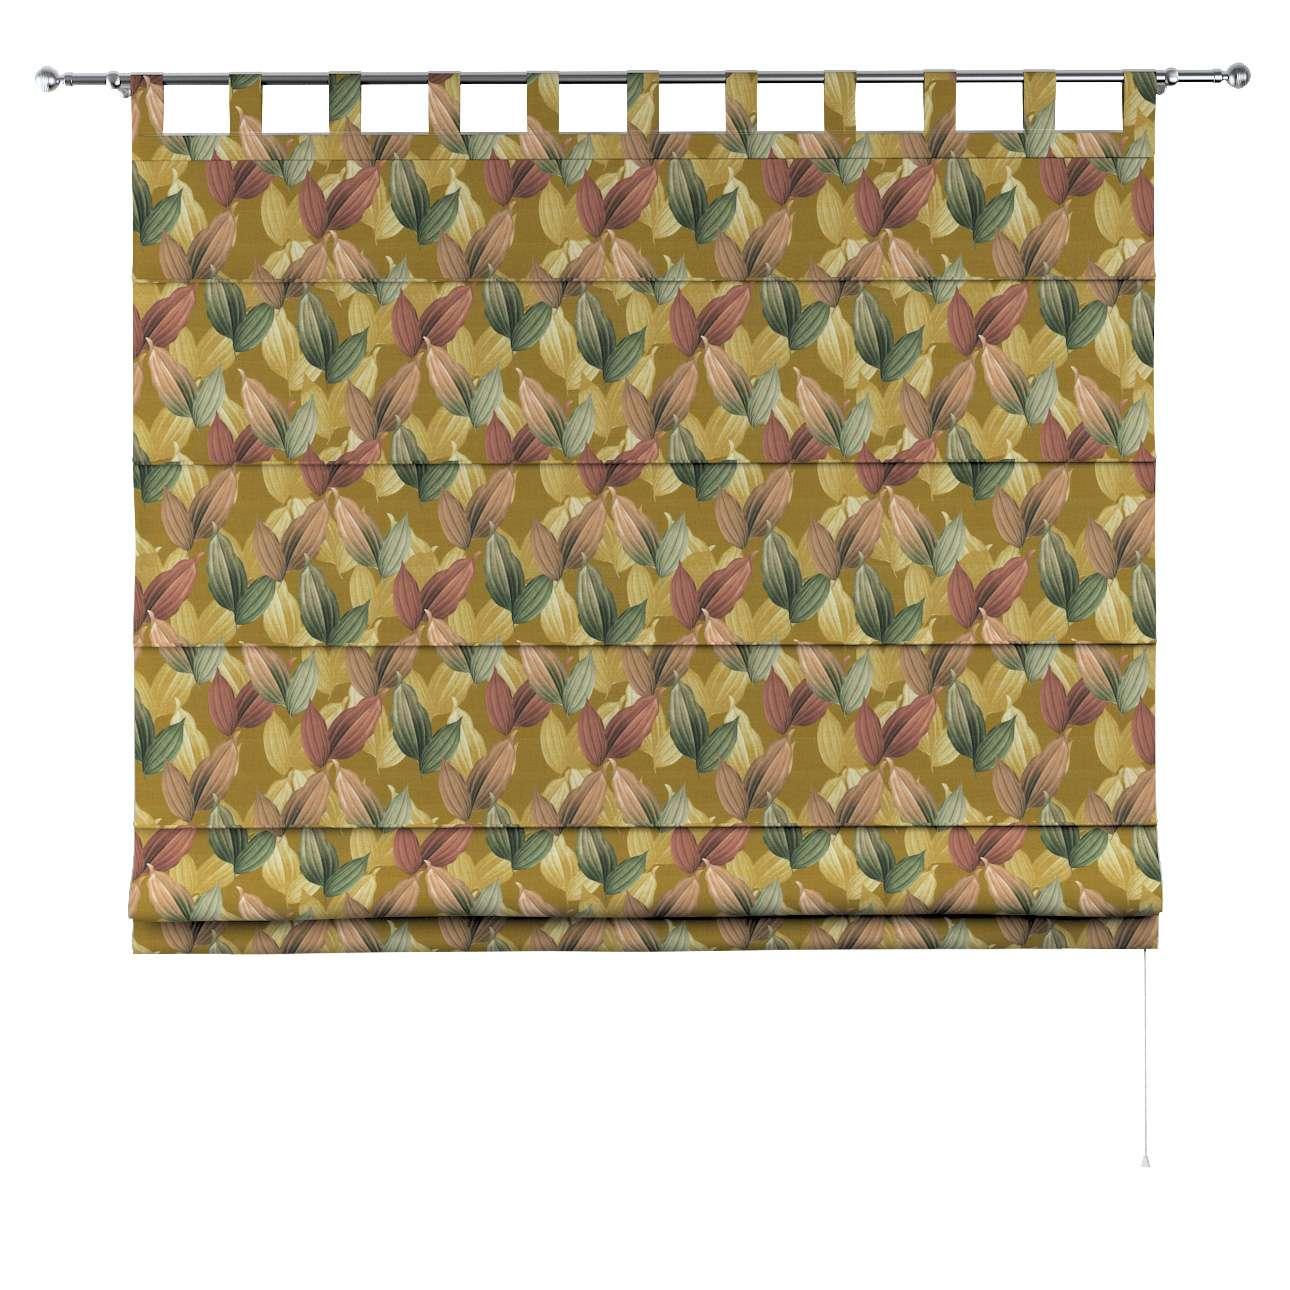 Rímska roleta Verona V kolekcii Abigail, tkanina: 143-22